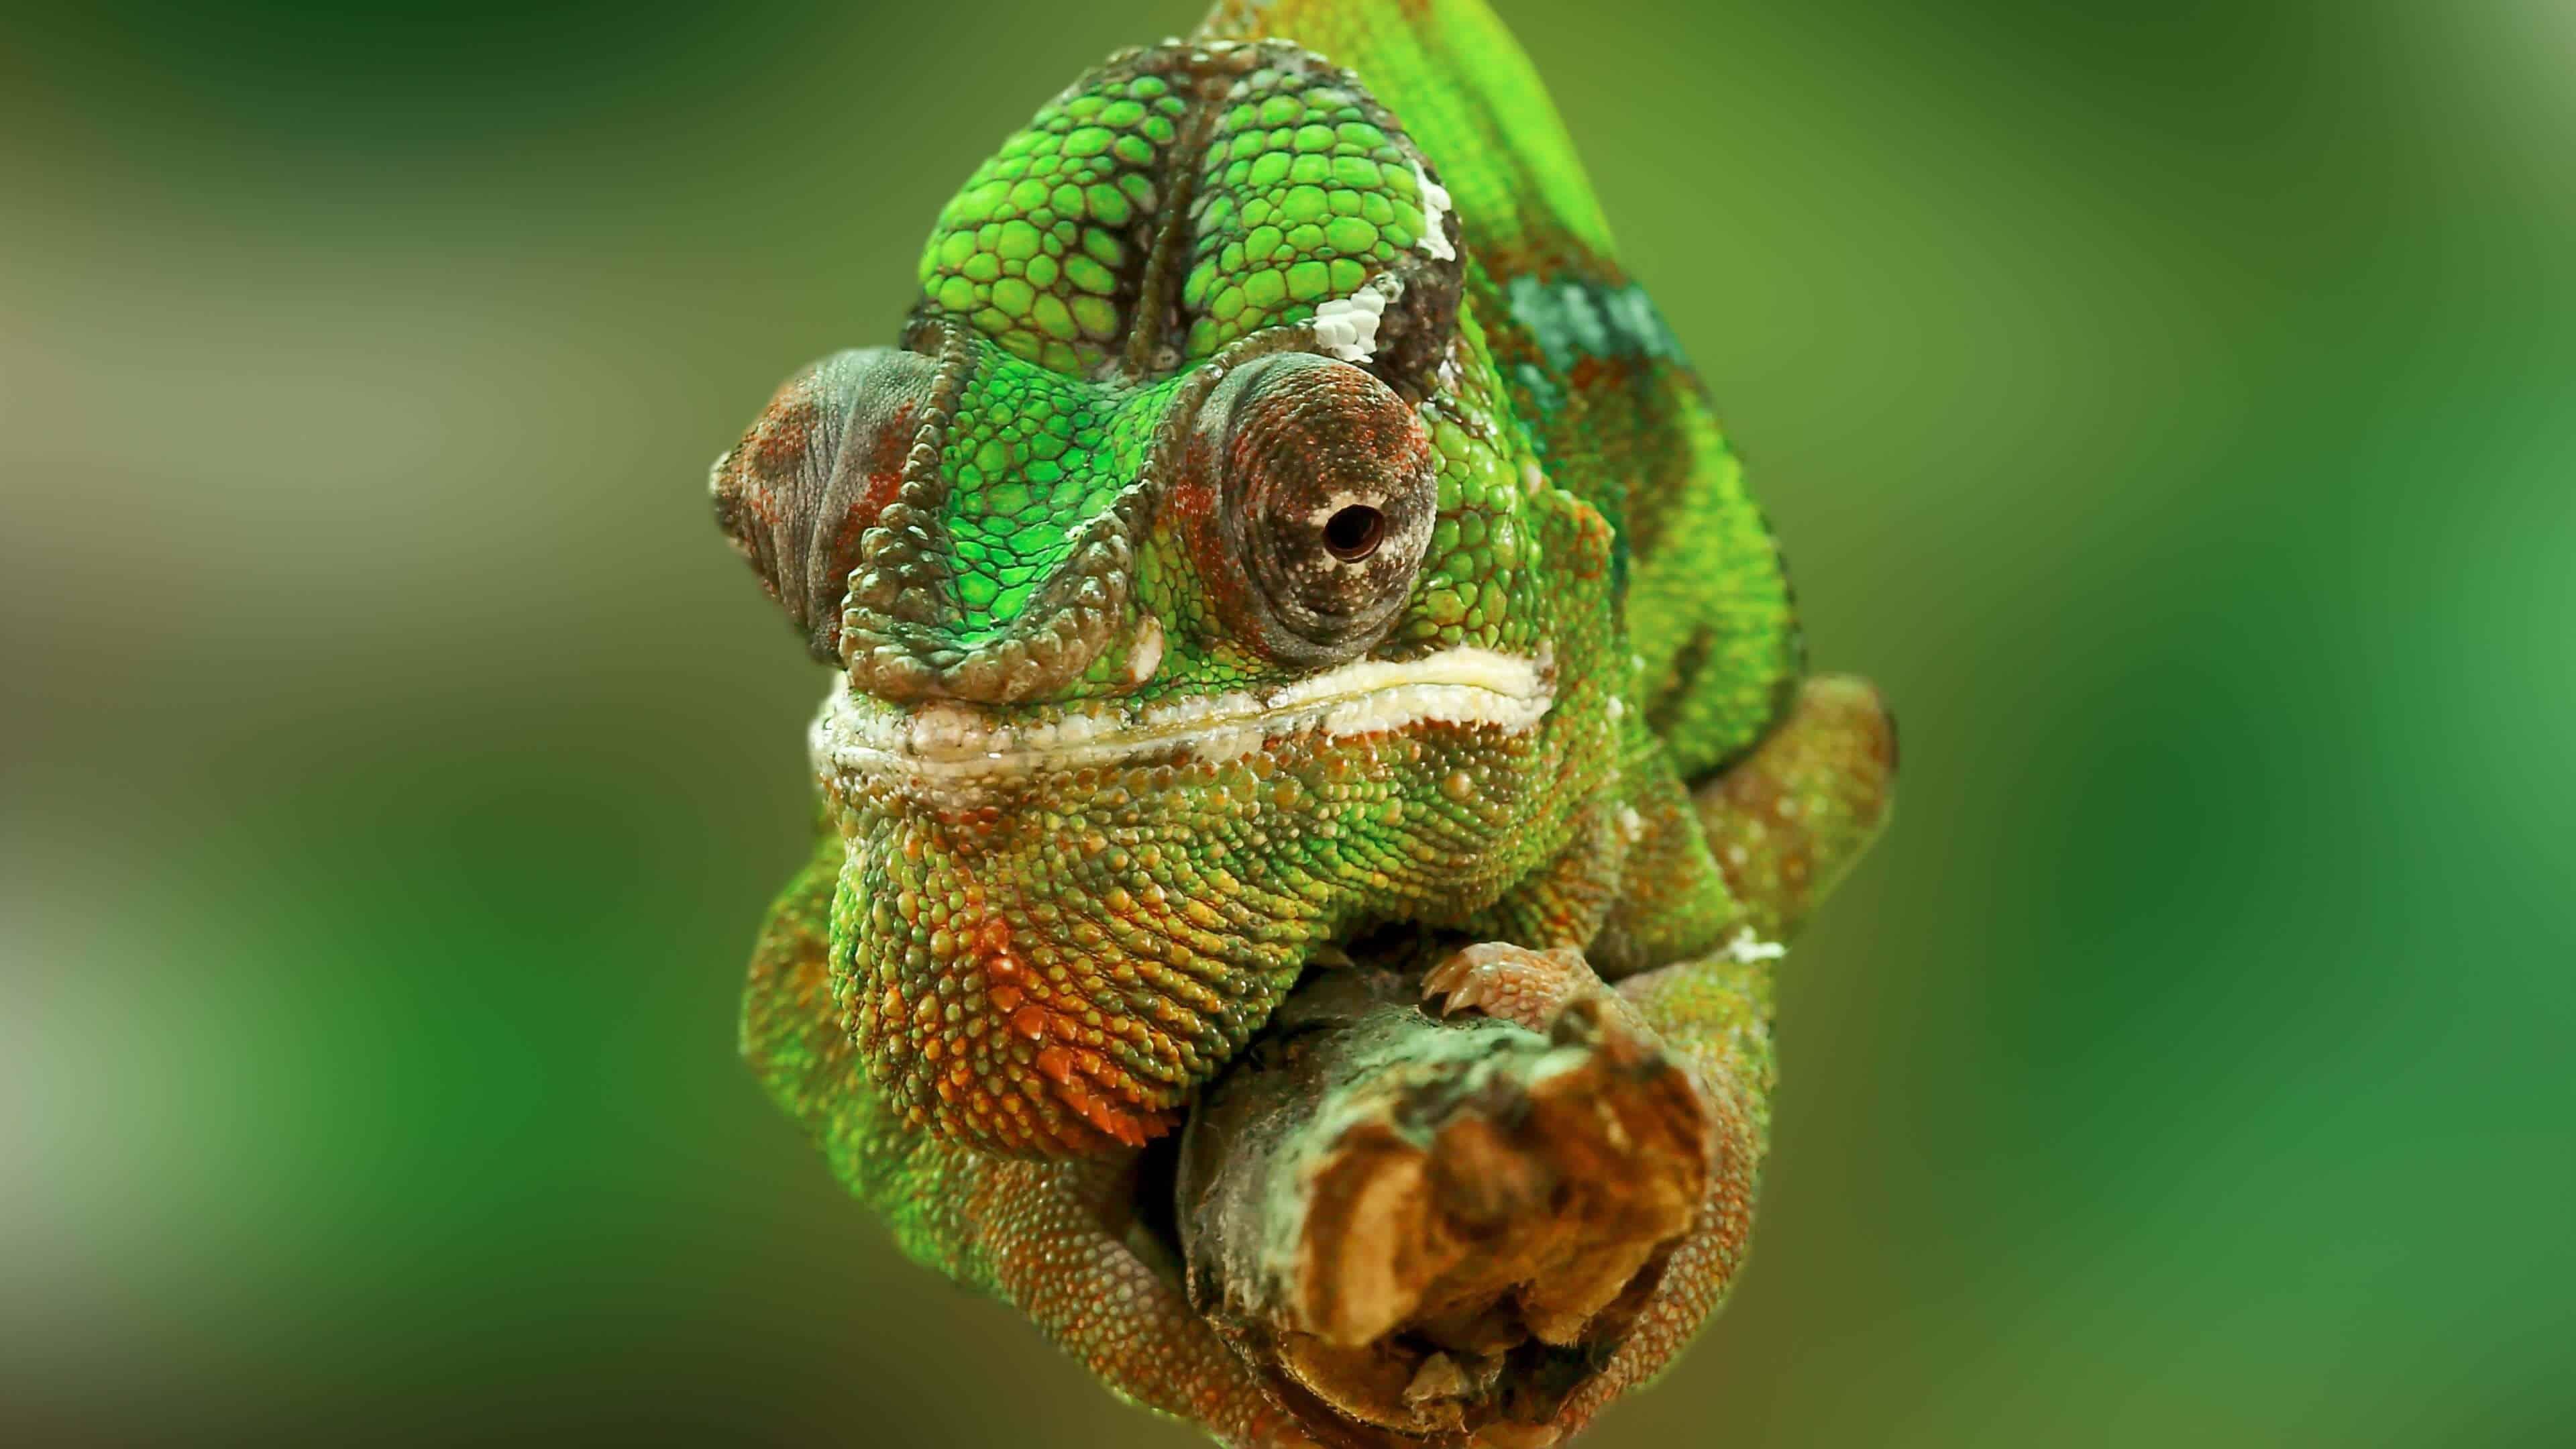 green chameleon on a branch uhd 4k wallpaper